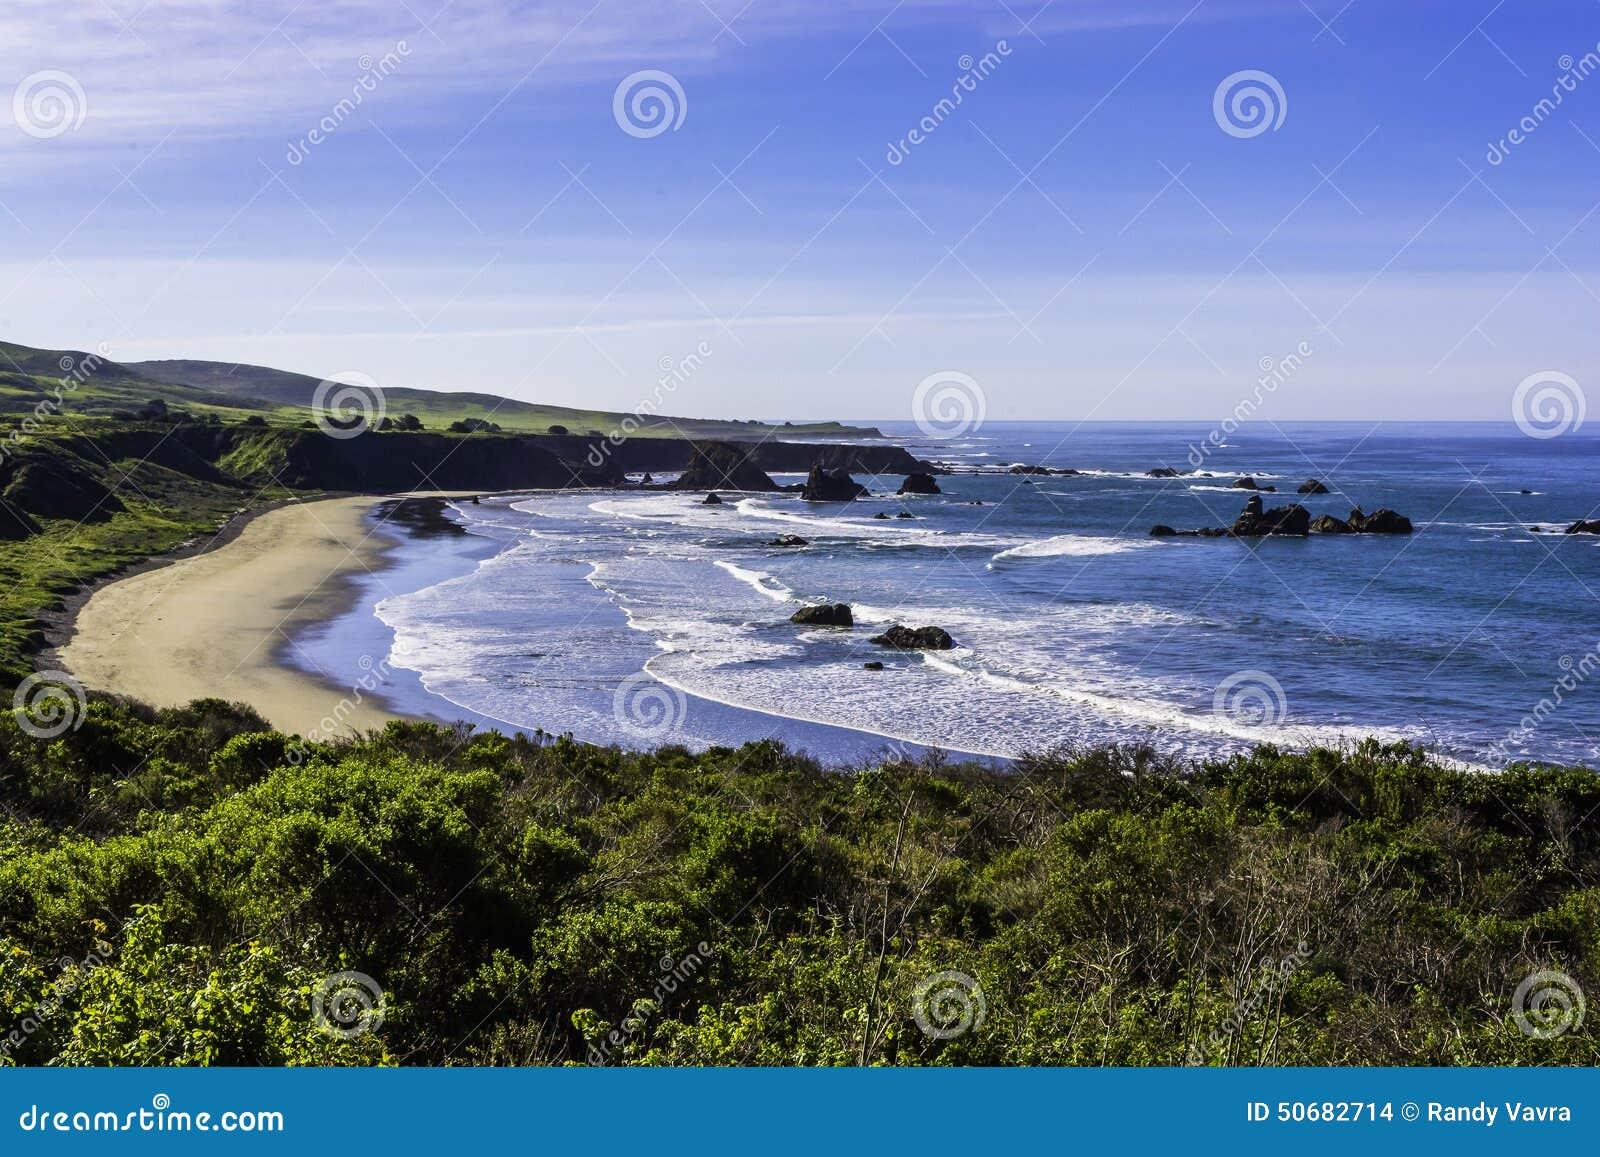 Download 在大瑟尔高速公路的美丽的海滩 库存照片. 图片 包括有 ,并且, 重新创建, 亚马逊, 户外, 海洋, 加利福尼亚 - 50682714